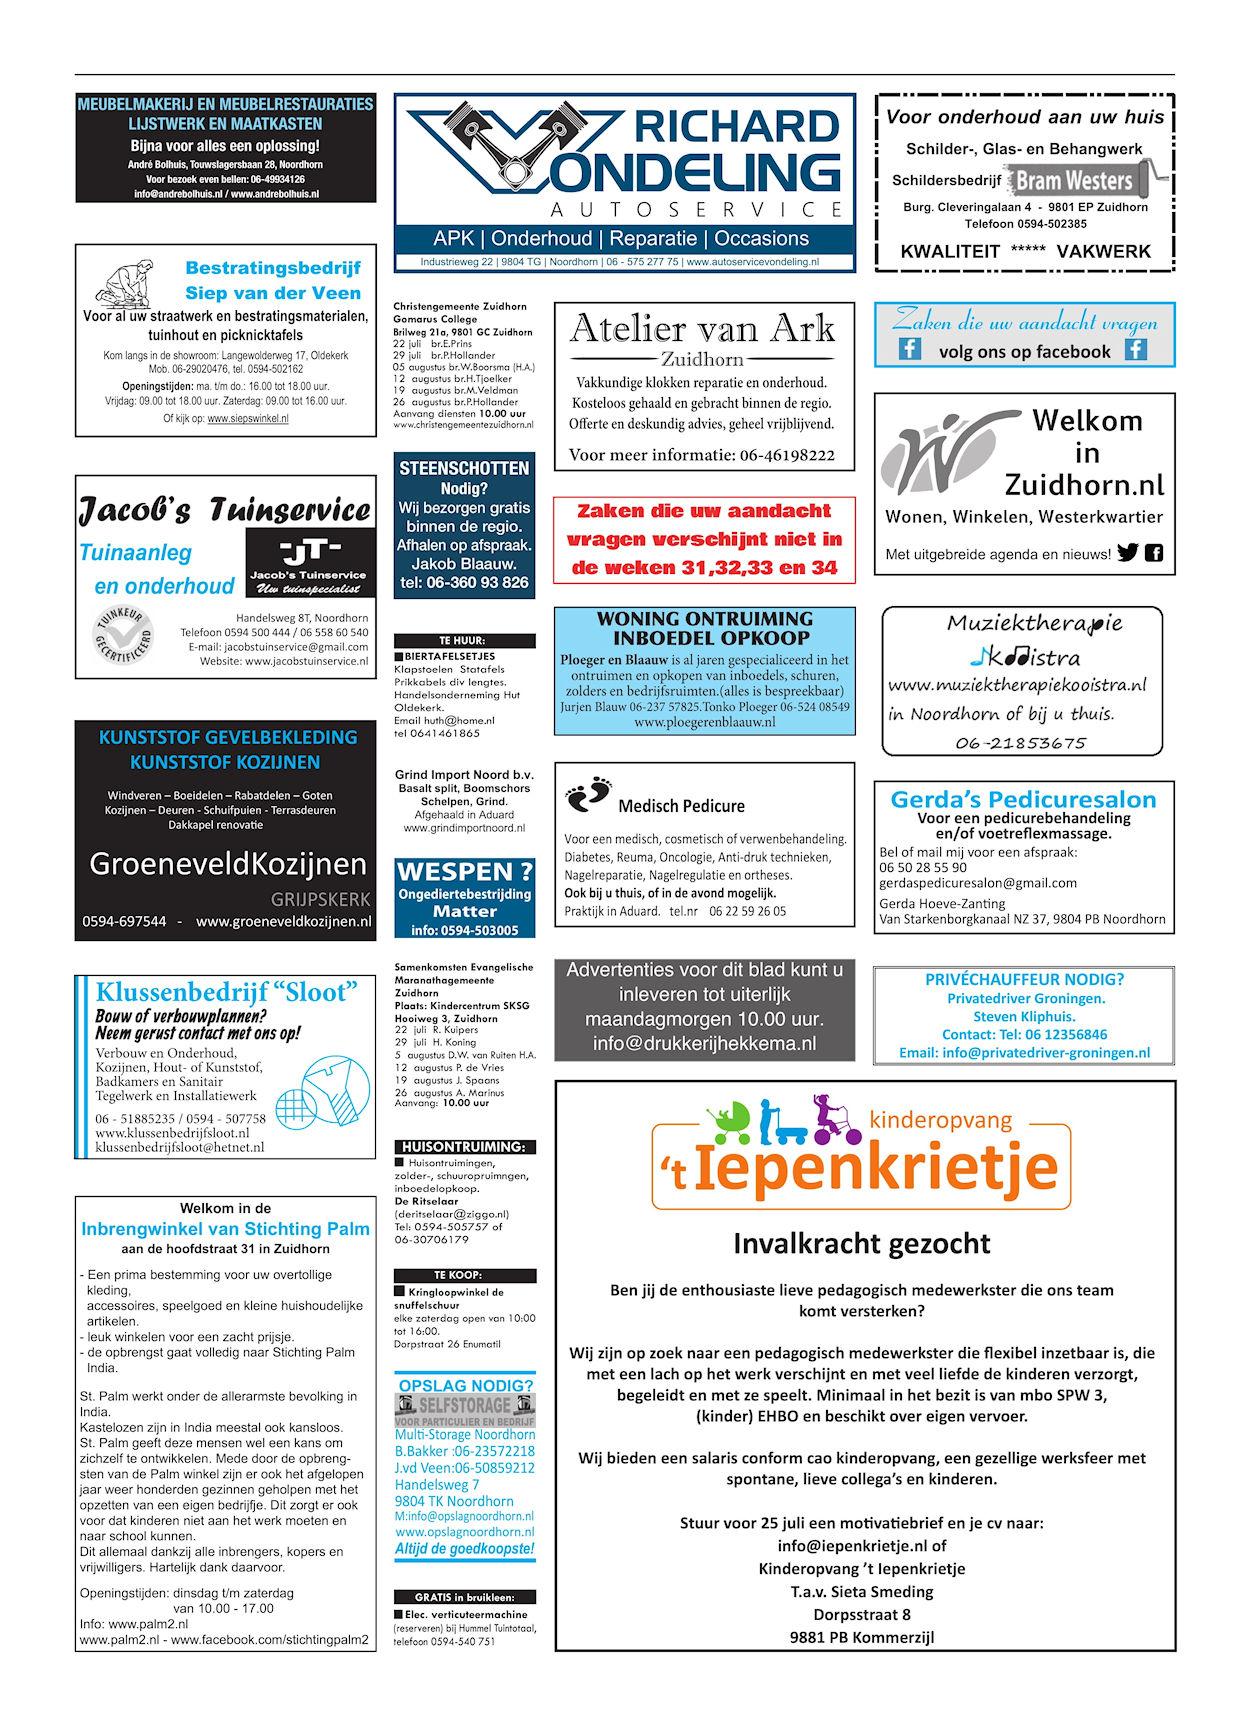 Drukkerij Hekkema - Zuidhorn - Zaken die uw aandacht vragen - 2018 week 29 (4)